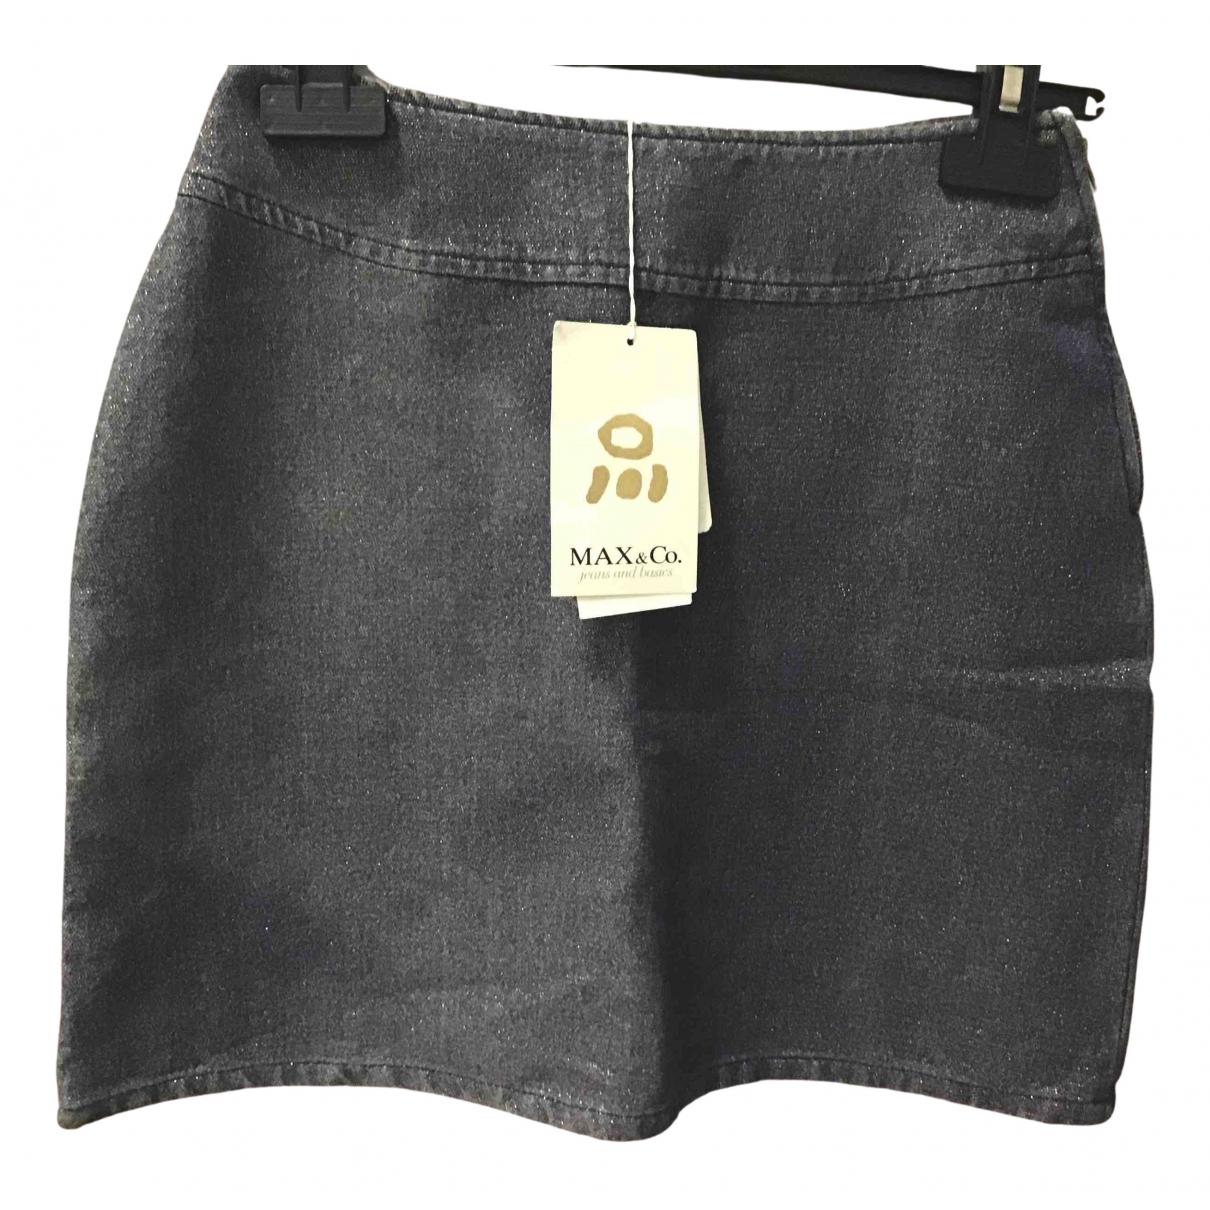 Mini falda Max & Co